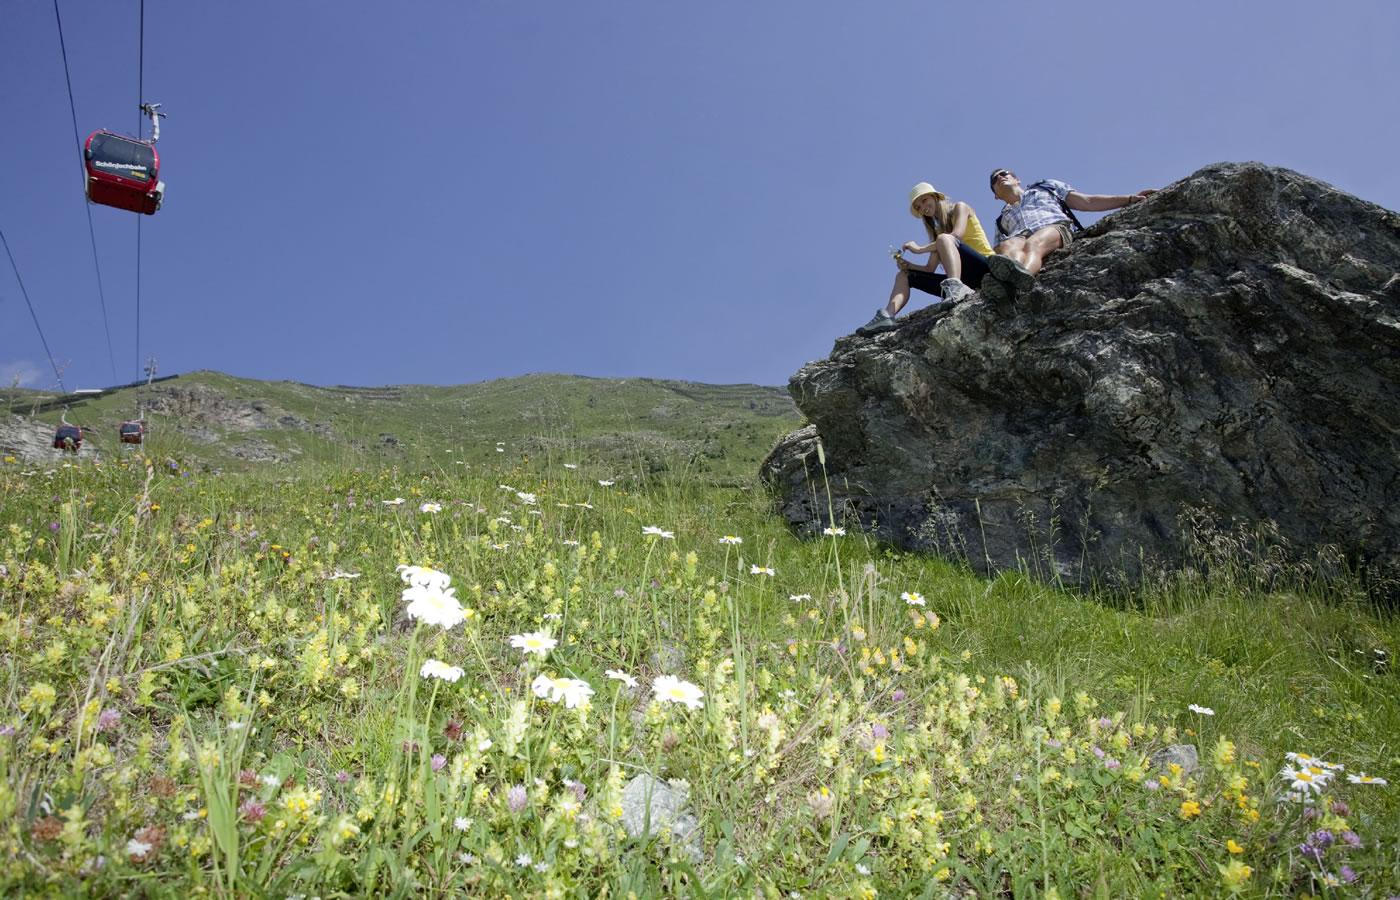 Natur zu zweit genießen in Serfaus-Fiss-Ladis in Tirol.